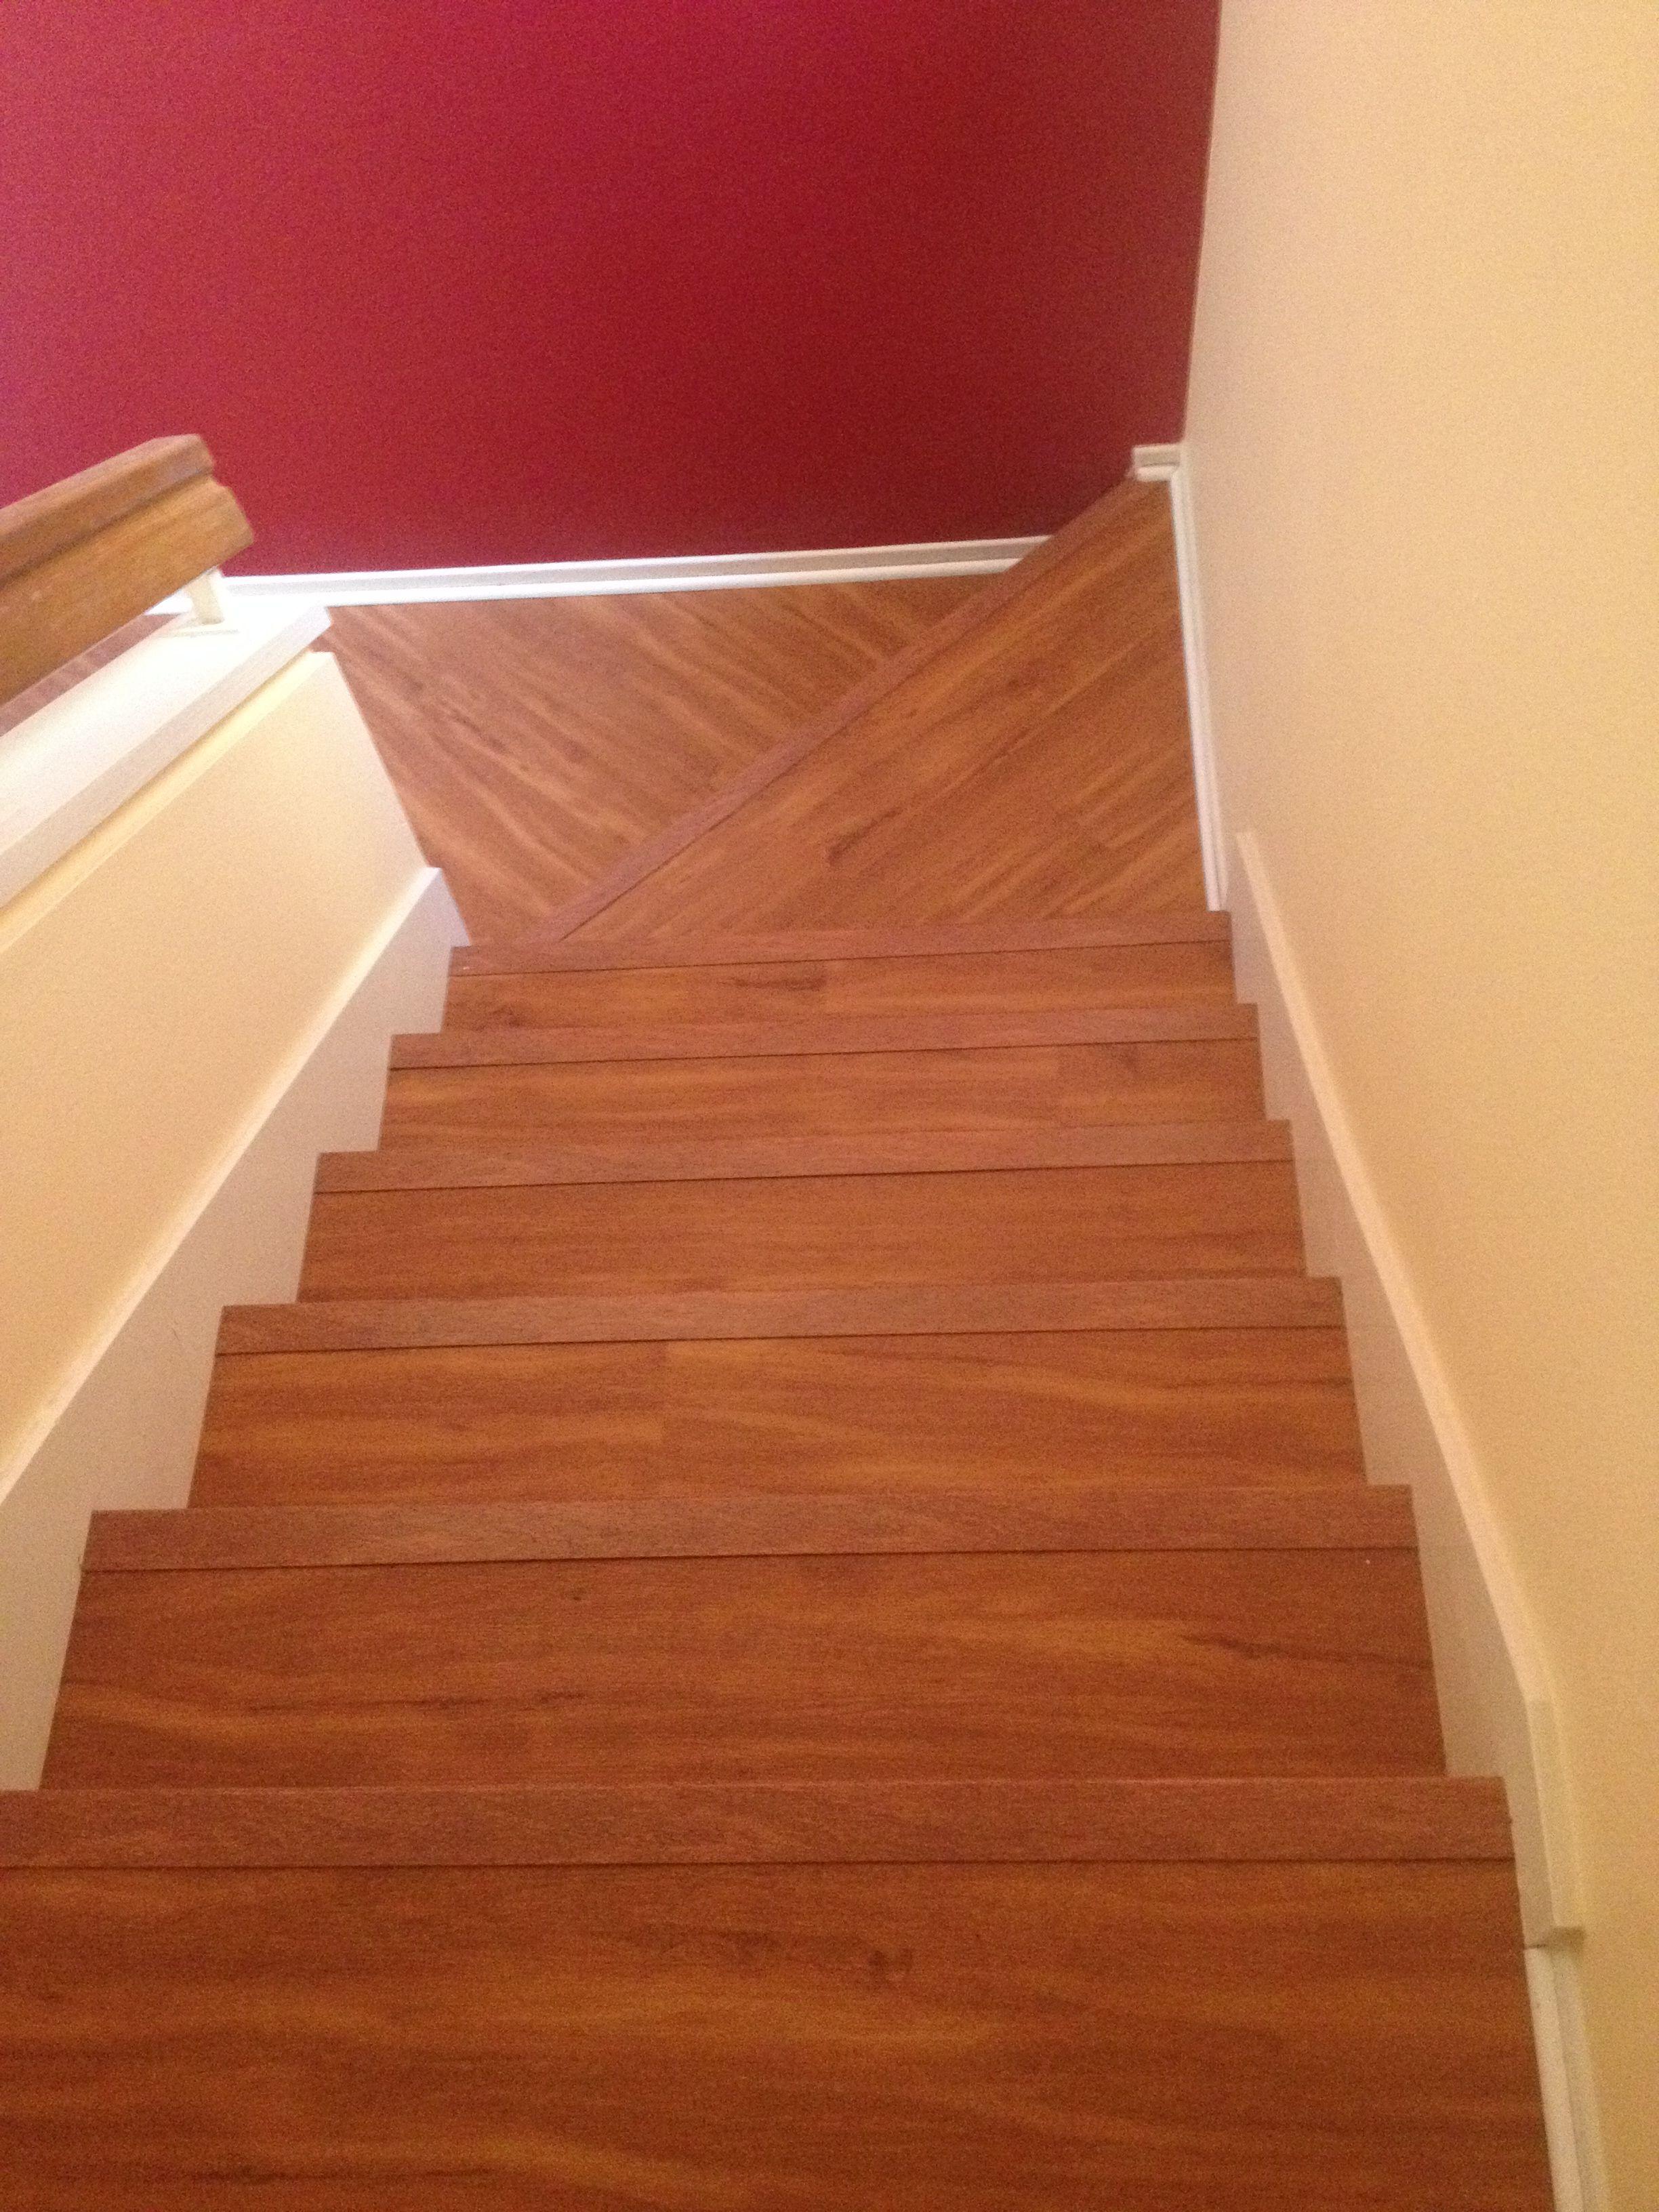 Karndean LVT plank floor installed for a client in Irvine